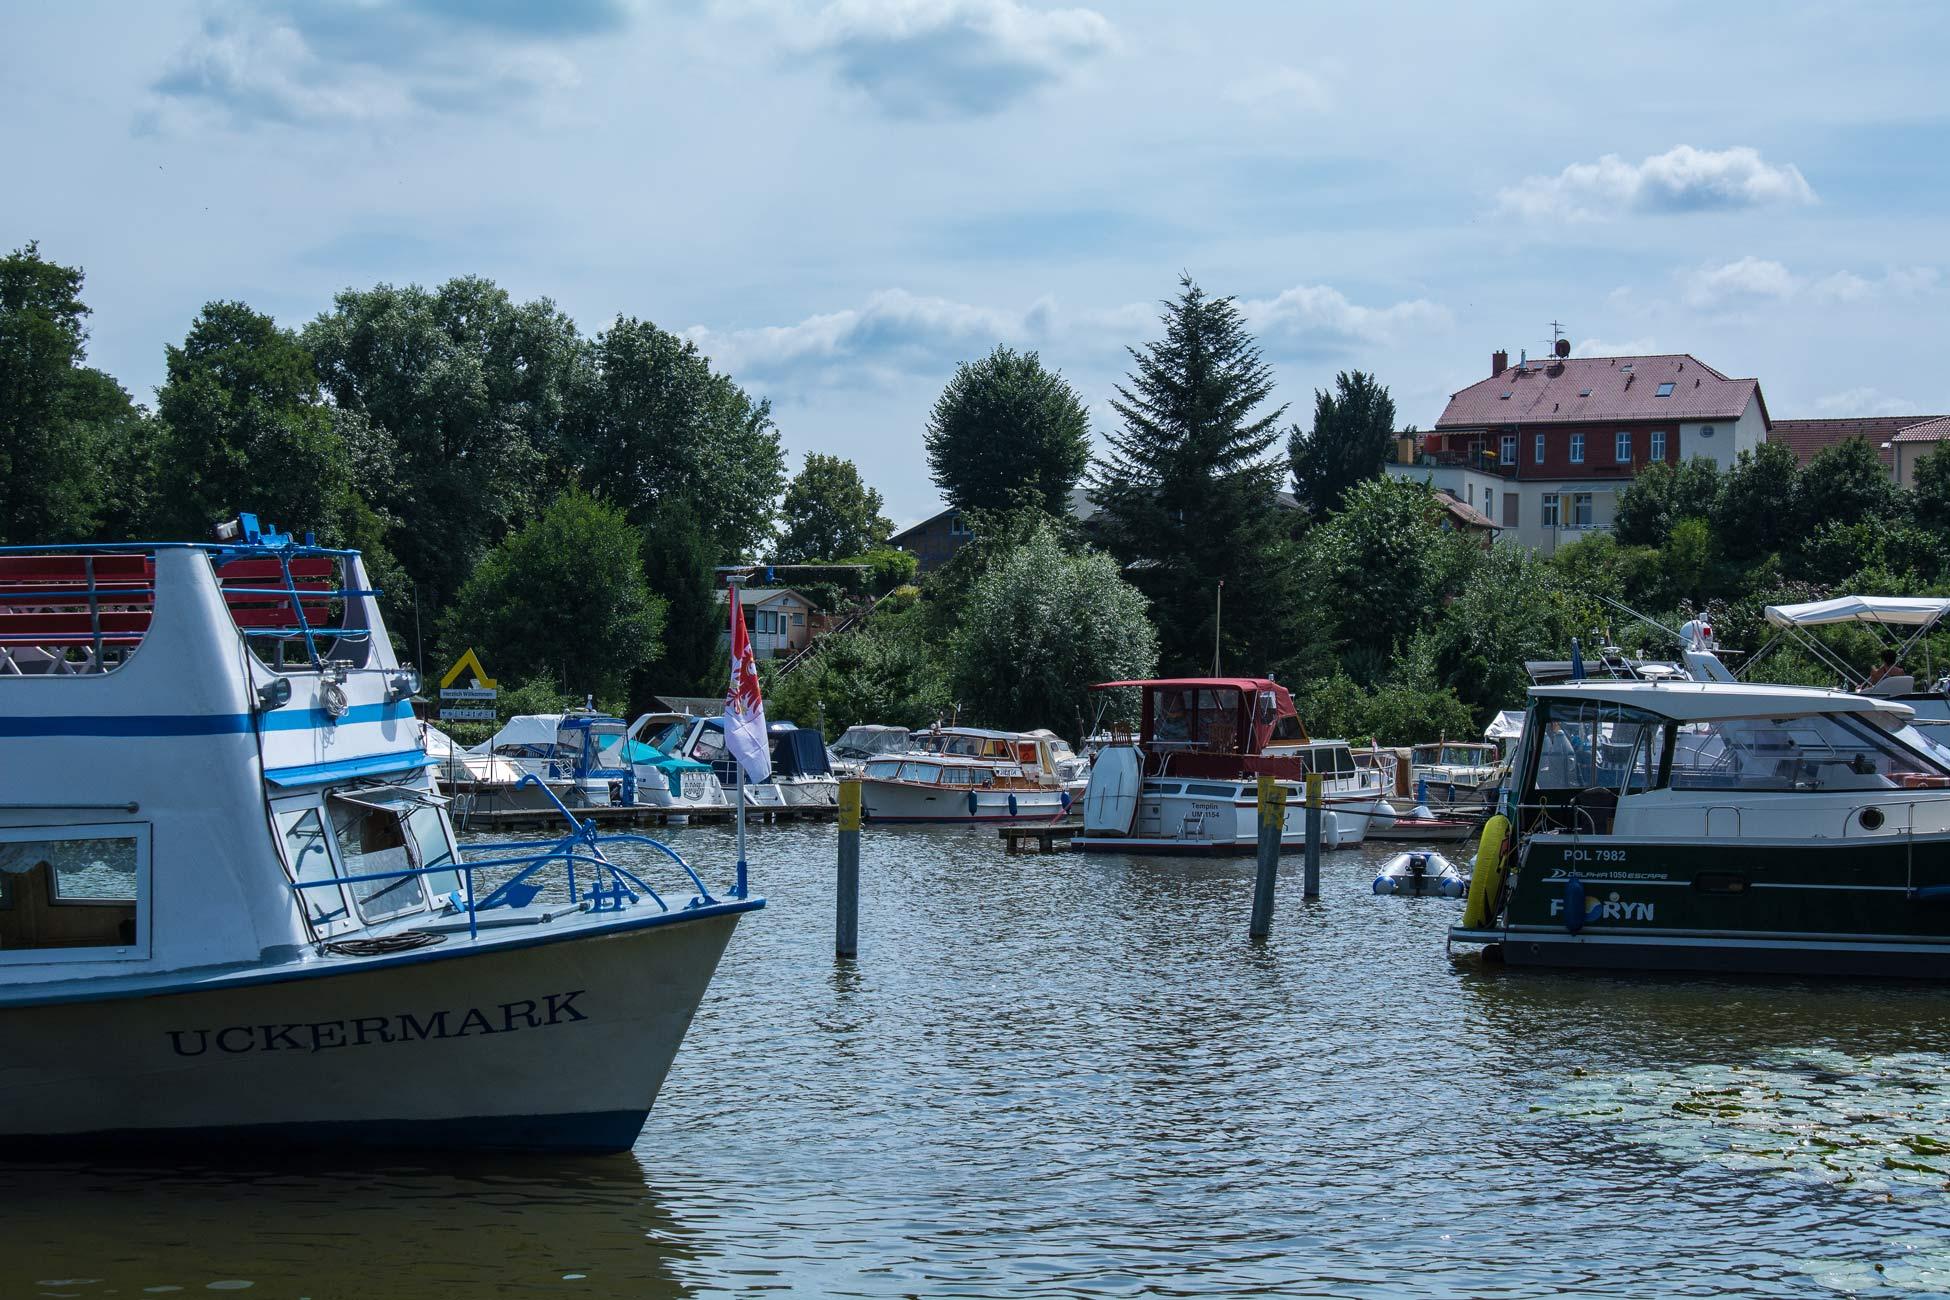 Templin Uckermark Hafen Boote